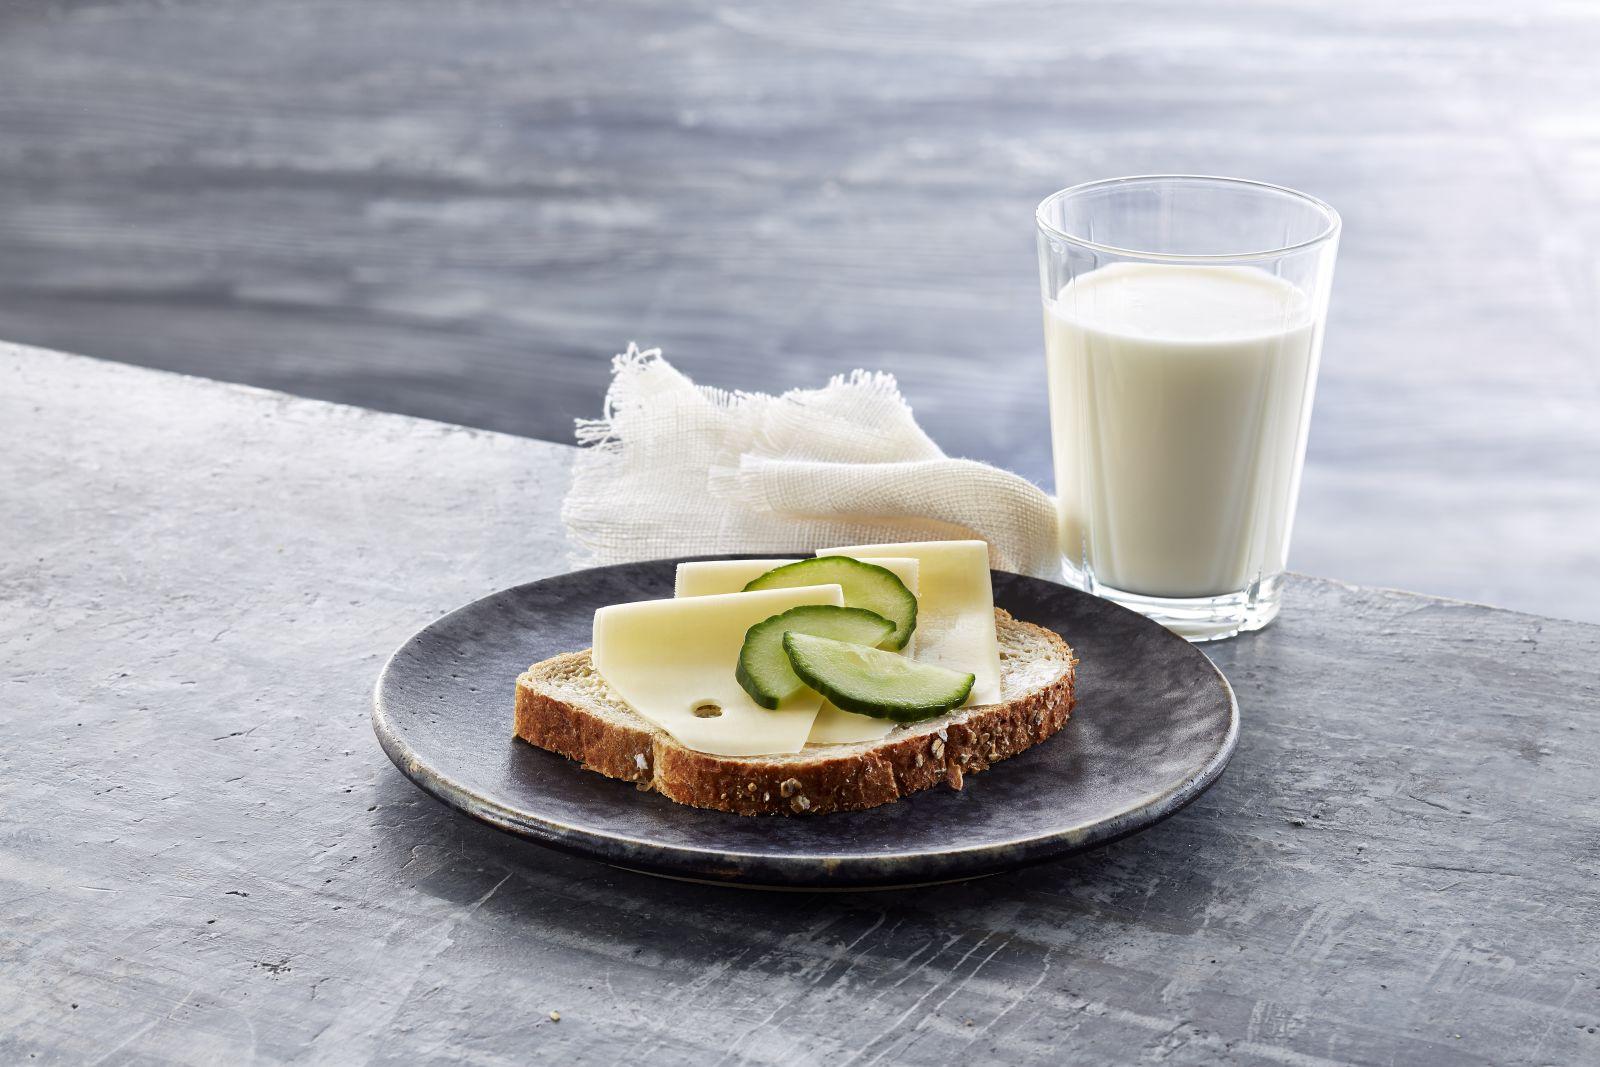 Brødskive med gulost og agurk og et glass melk.